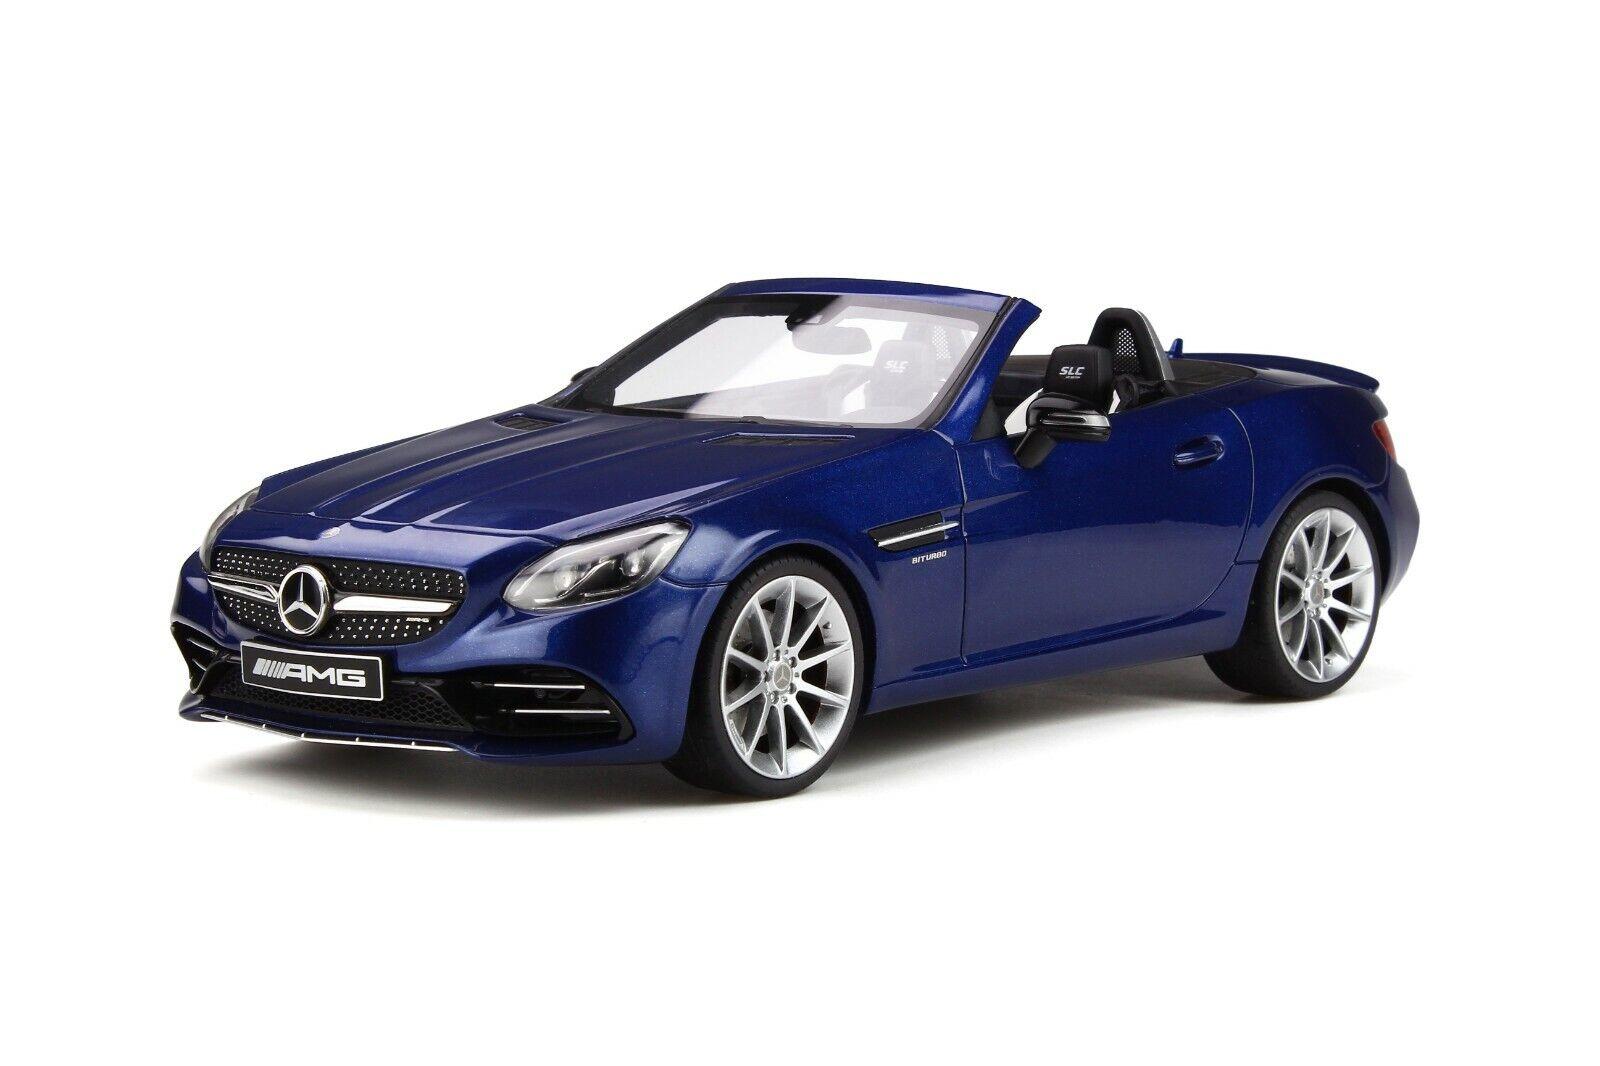 Mercedes-Benz AMG SLC 43 stradaster R172 V6 biturbo Brilliant blu blu blu GT Spirit GT233 356af5